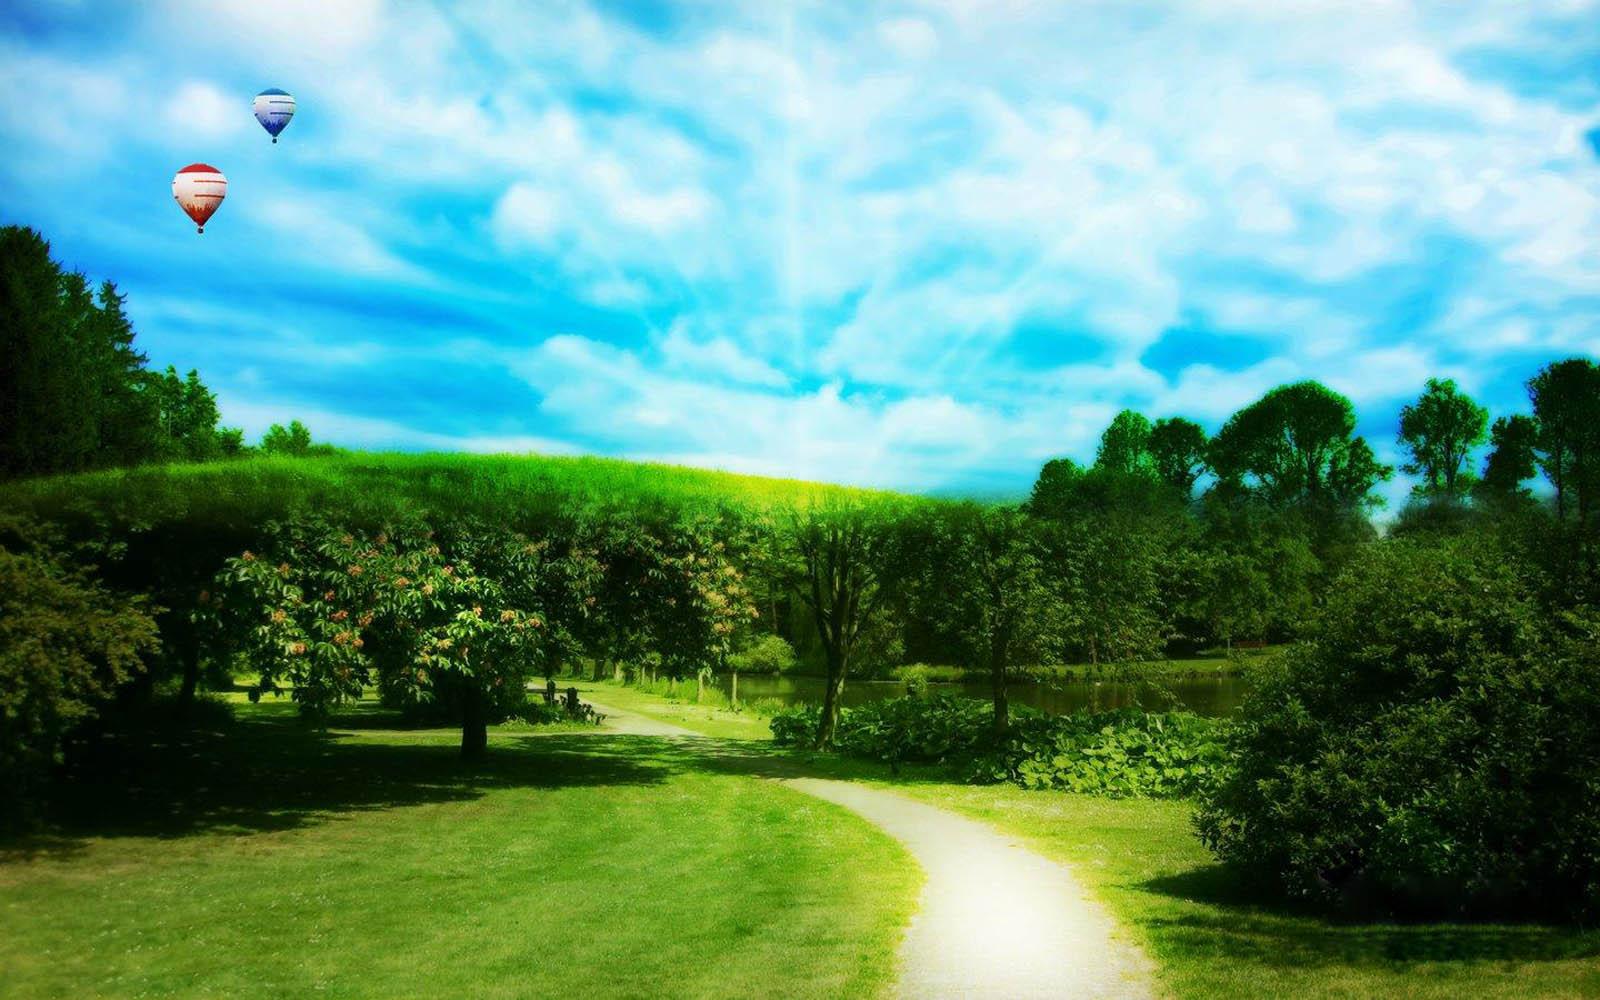 http://1.bp.blogspot.com/-58EWiFWVjak/UMAvWe_ynPI/AAAAAAAAOi0/vVPSAWR-NTk/s1600/Green%2BNature%2BWallpapers%2B03.jpg